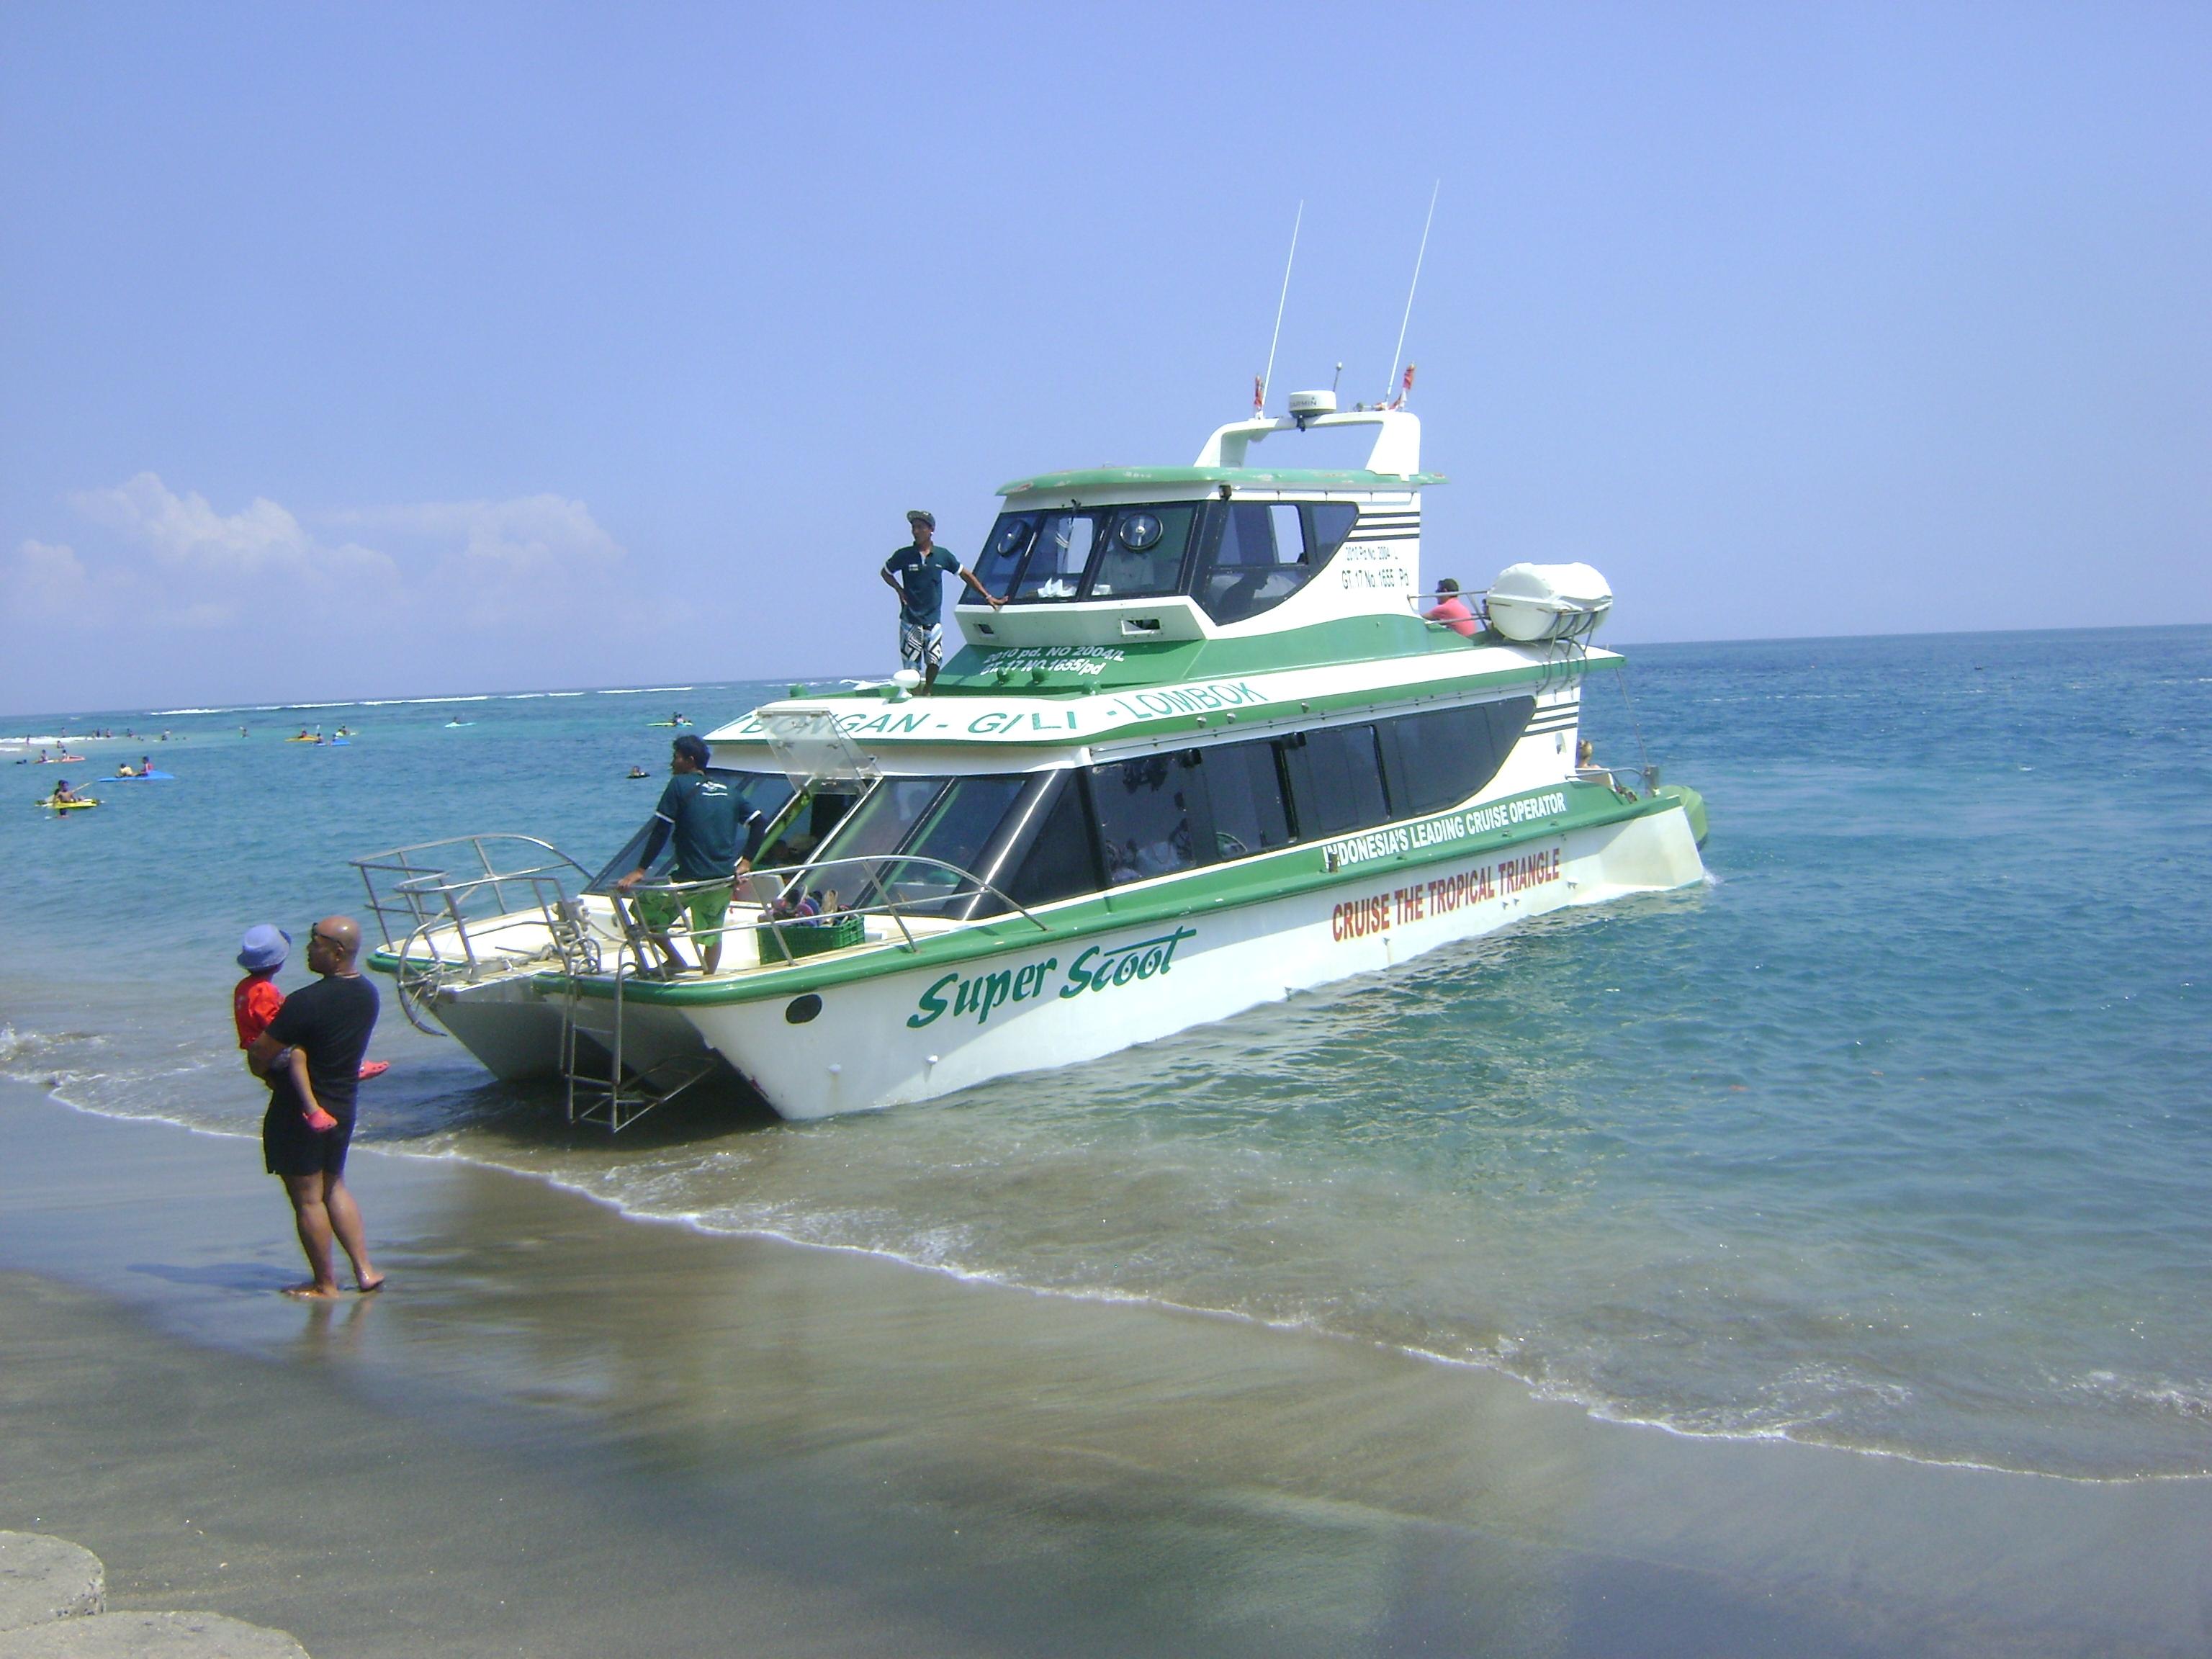 Kapal cepat ini yang akan membawa kita ke Gili Trawangan, Gili Meno, dan beberapa pulau kecil (Gili) di tengah lautan.